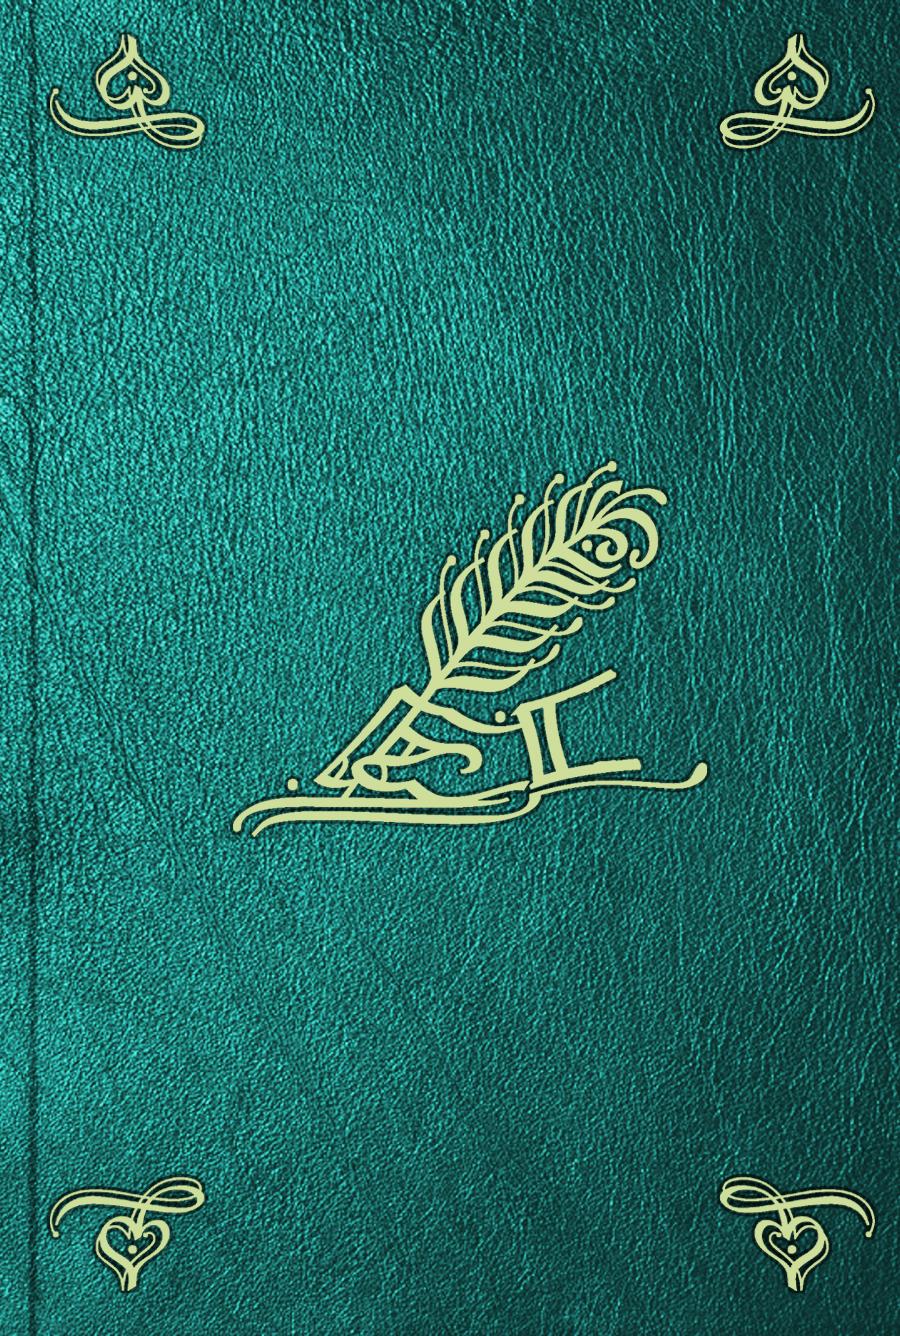 Ignatius Aurelius Fessler Die Geschichten der Ungern und ihrer Landsassen. T. 5 ignatius aurelius fessler gemaelde aus den alten zeiten der hungarn 1 band